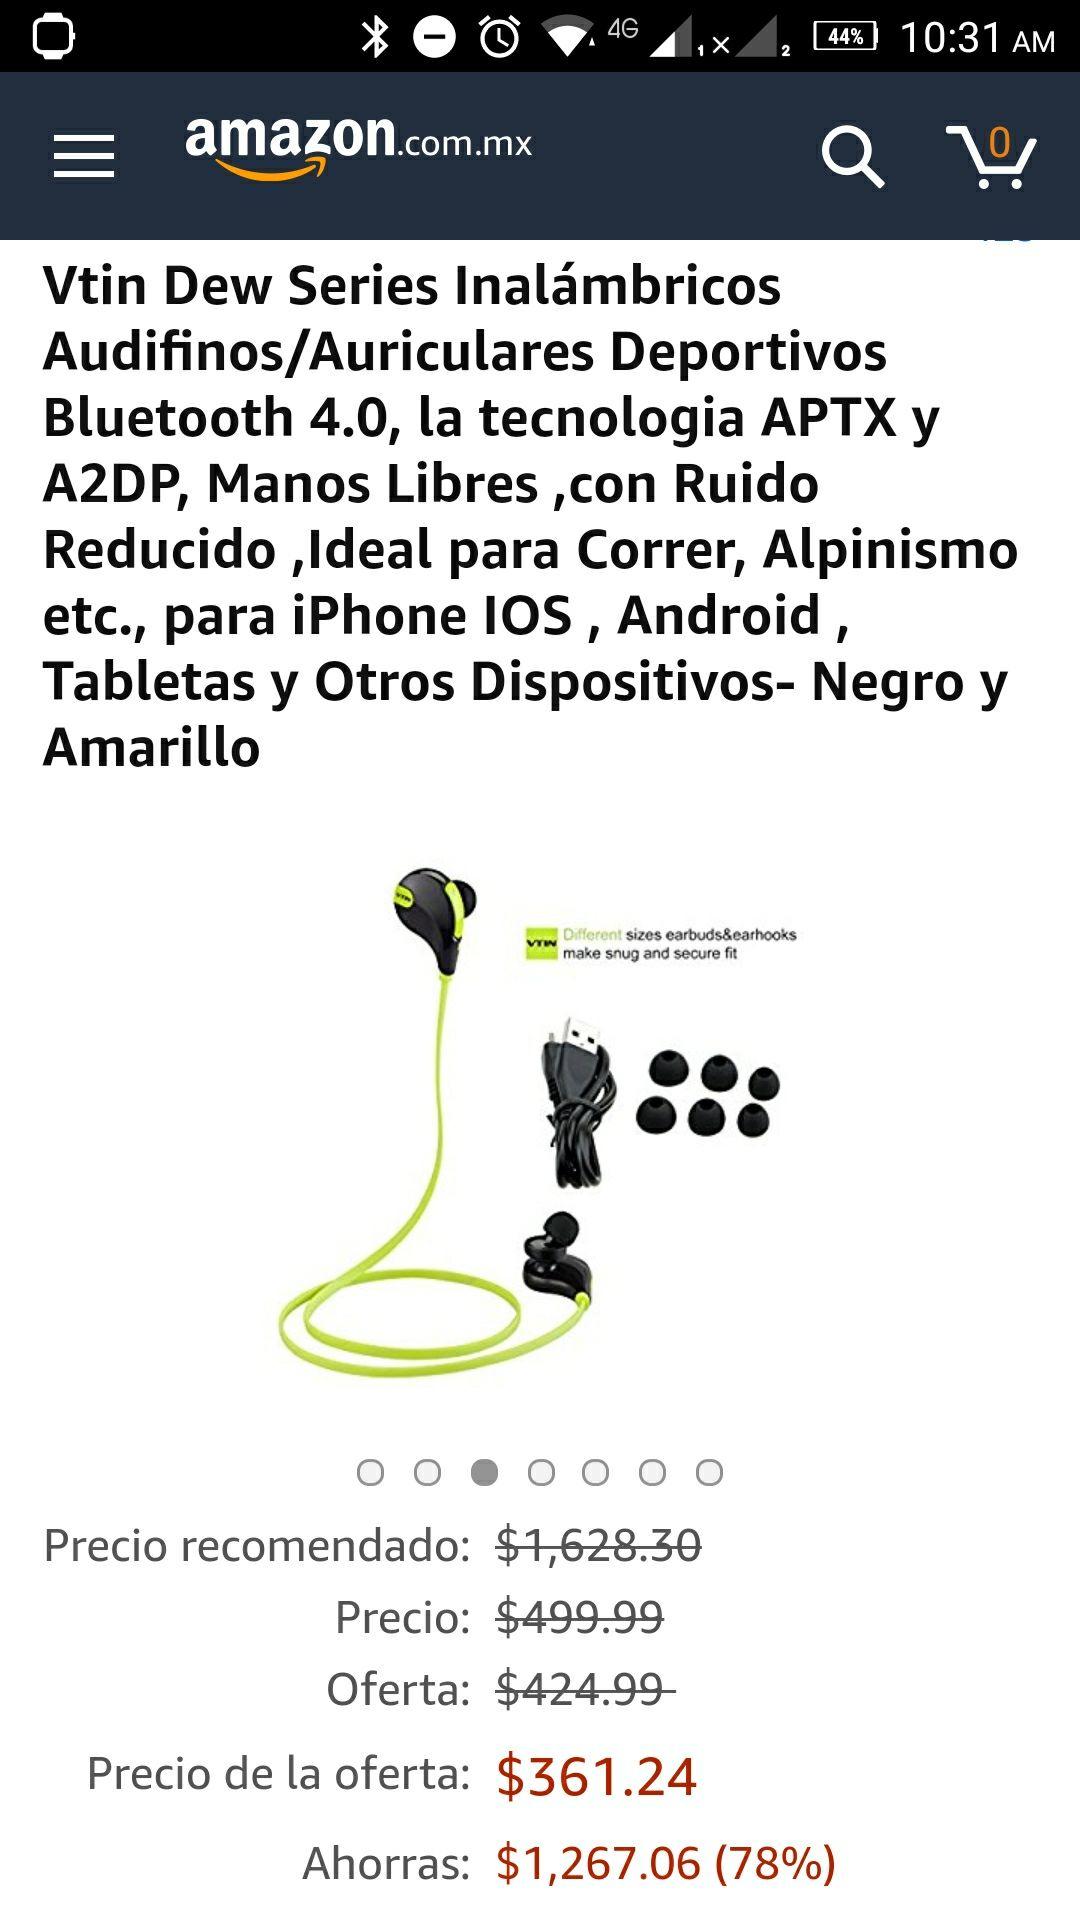 Amazon: Audífonos Bluetooth Vtin Dew (oferta relámpago)